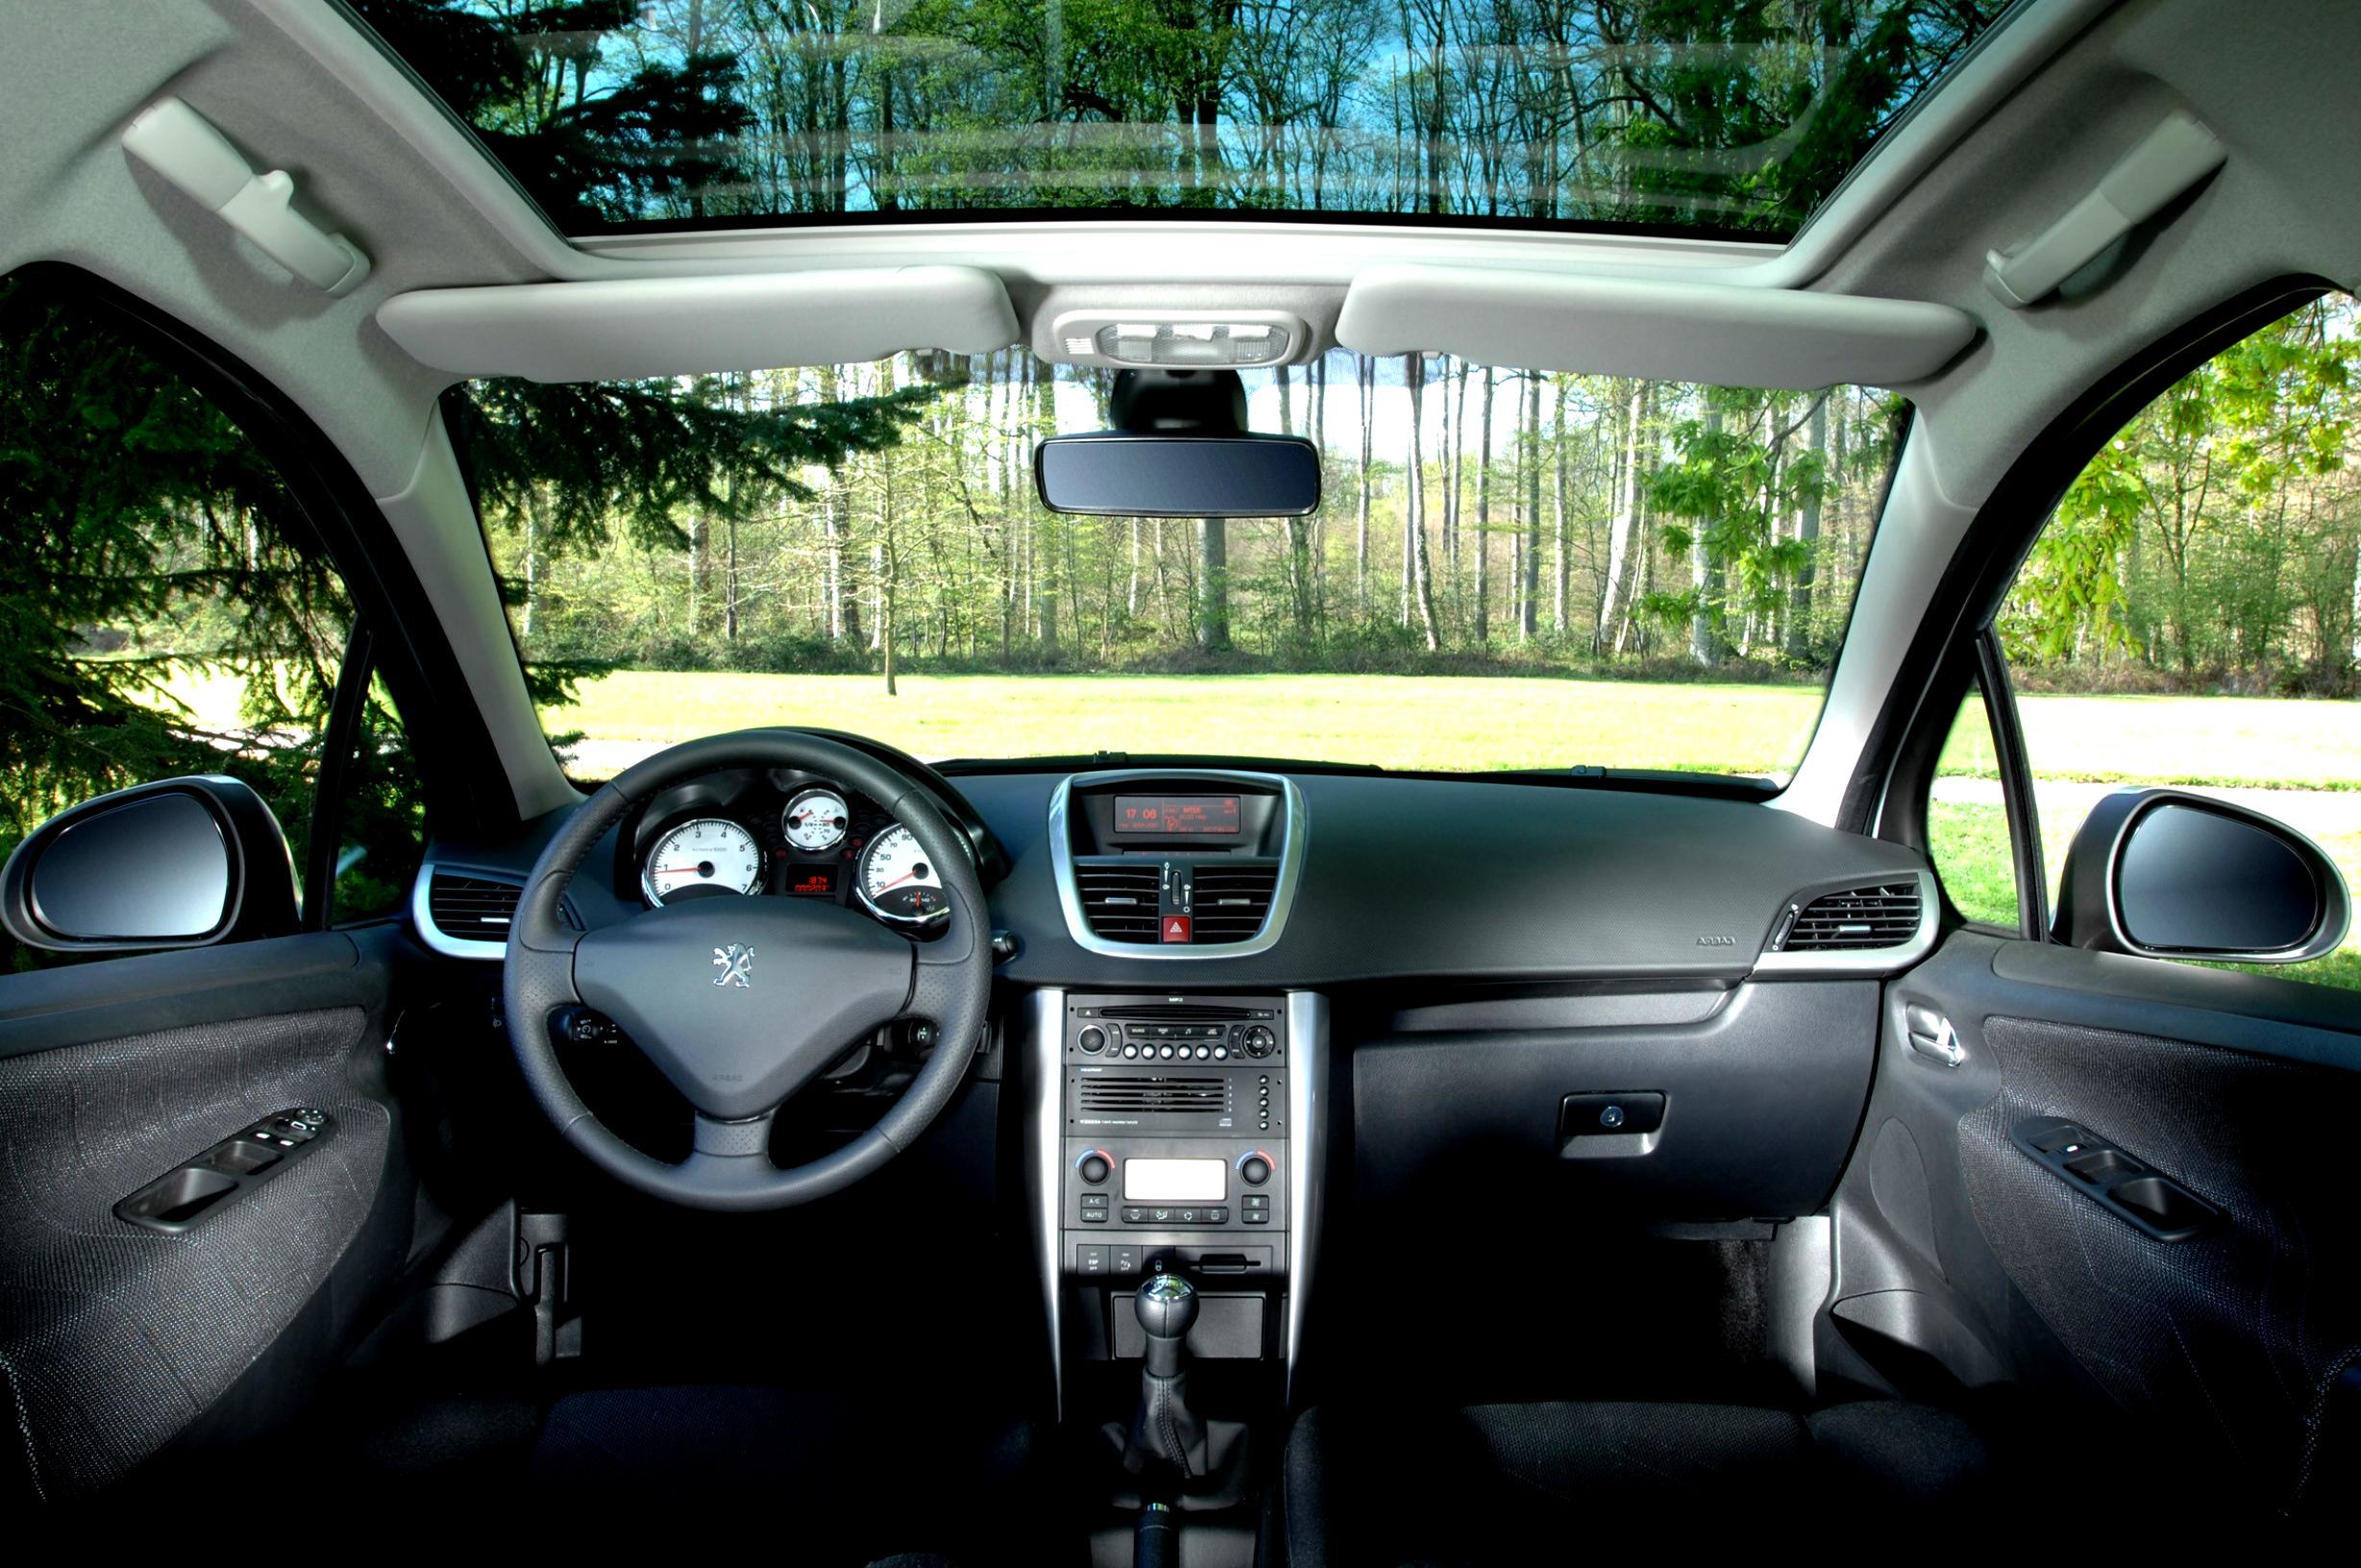 Невозможно настроить время на дисплее Peugeot 207 после замены магнитолы